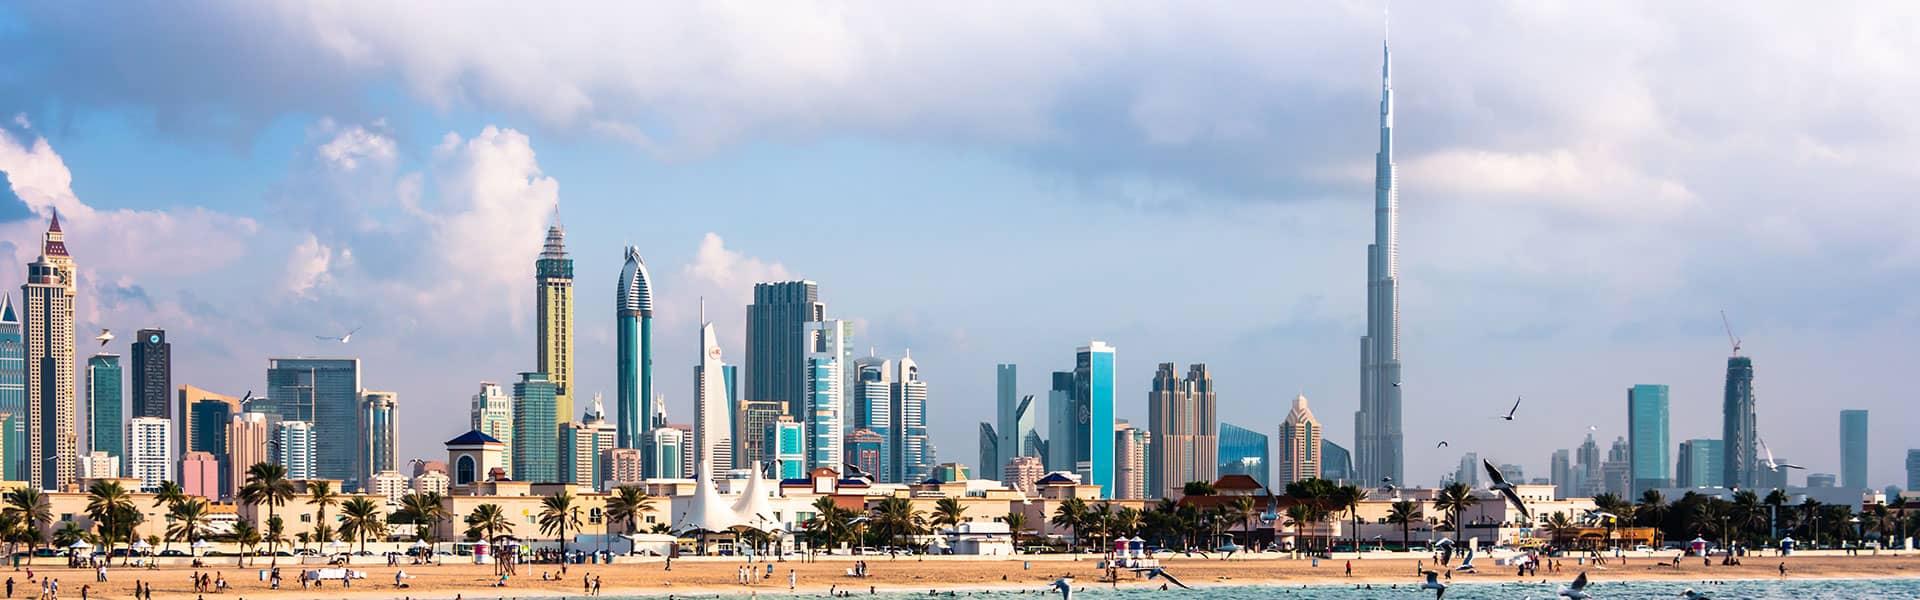 ابحث عن عقارات للبيع و للايجار في الإمارات العربية المتحدة